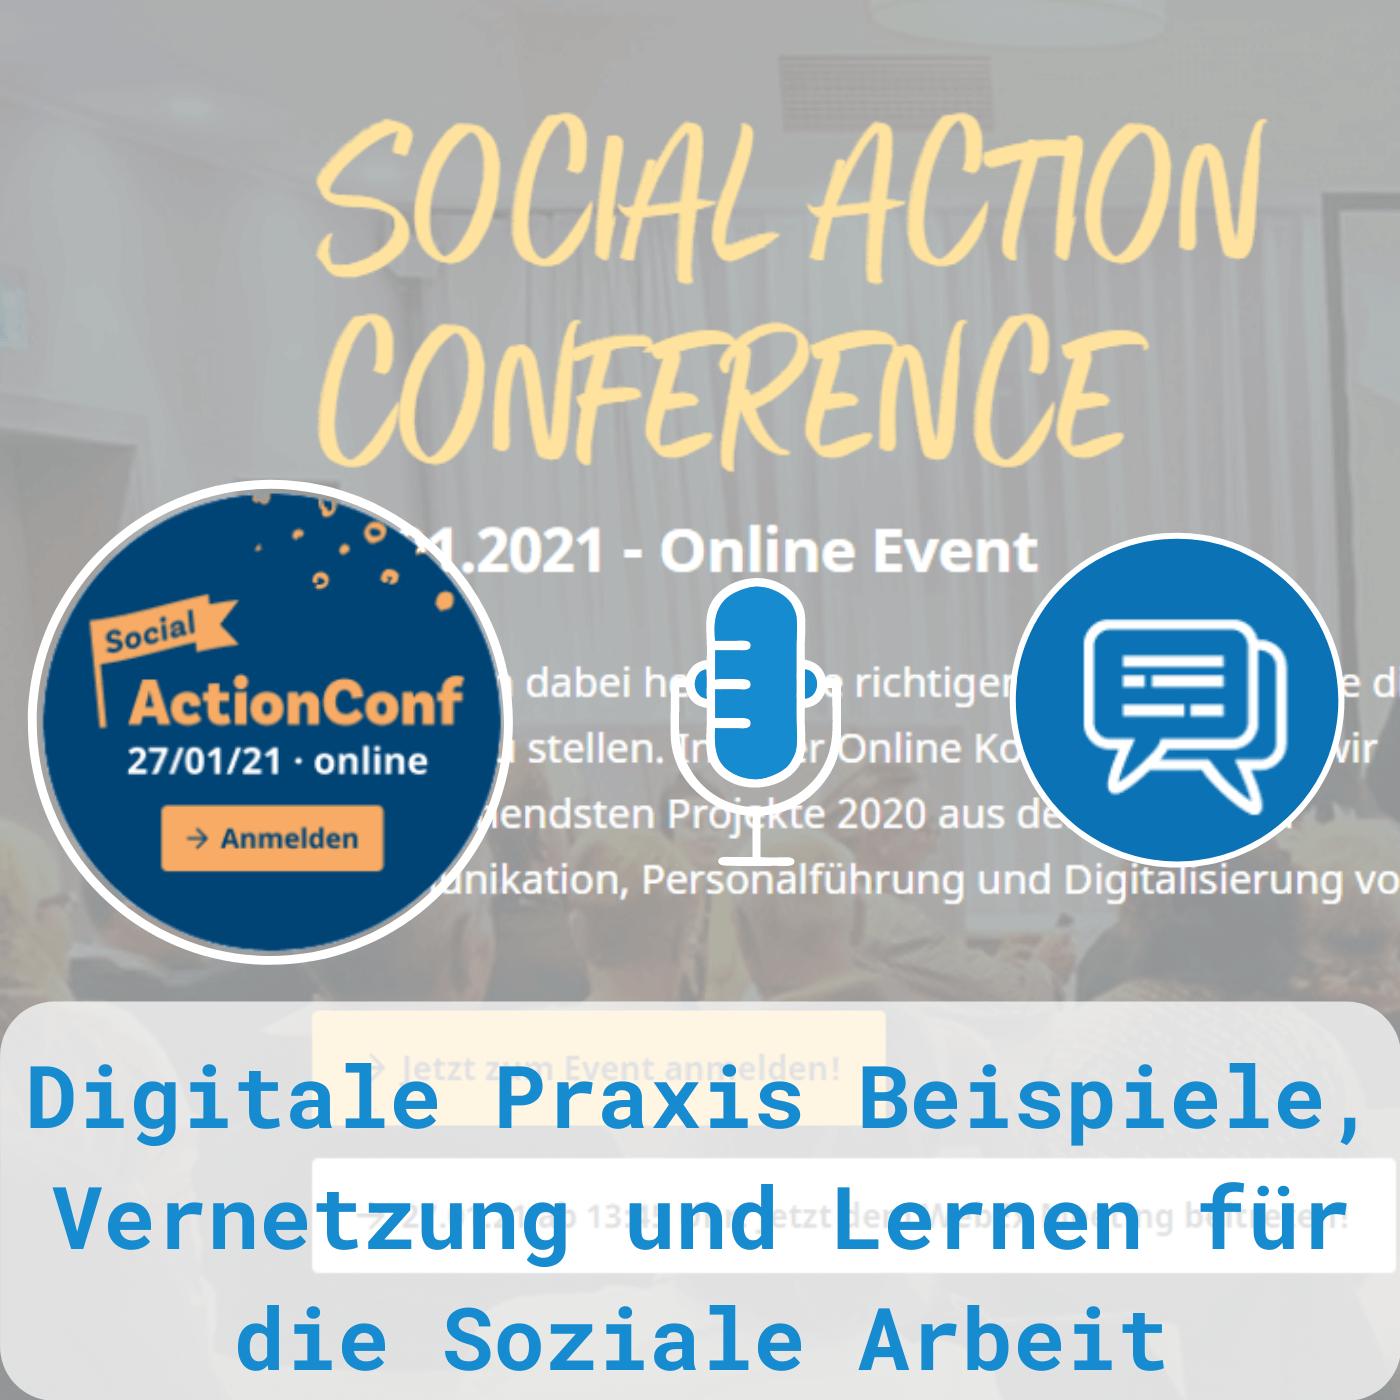 Social Action Conference: Digitale Praxis von der Sozialwirtschaft, für die Sozialwirtschaft